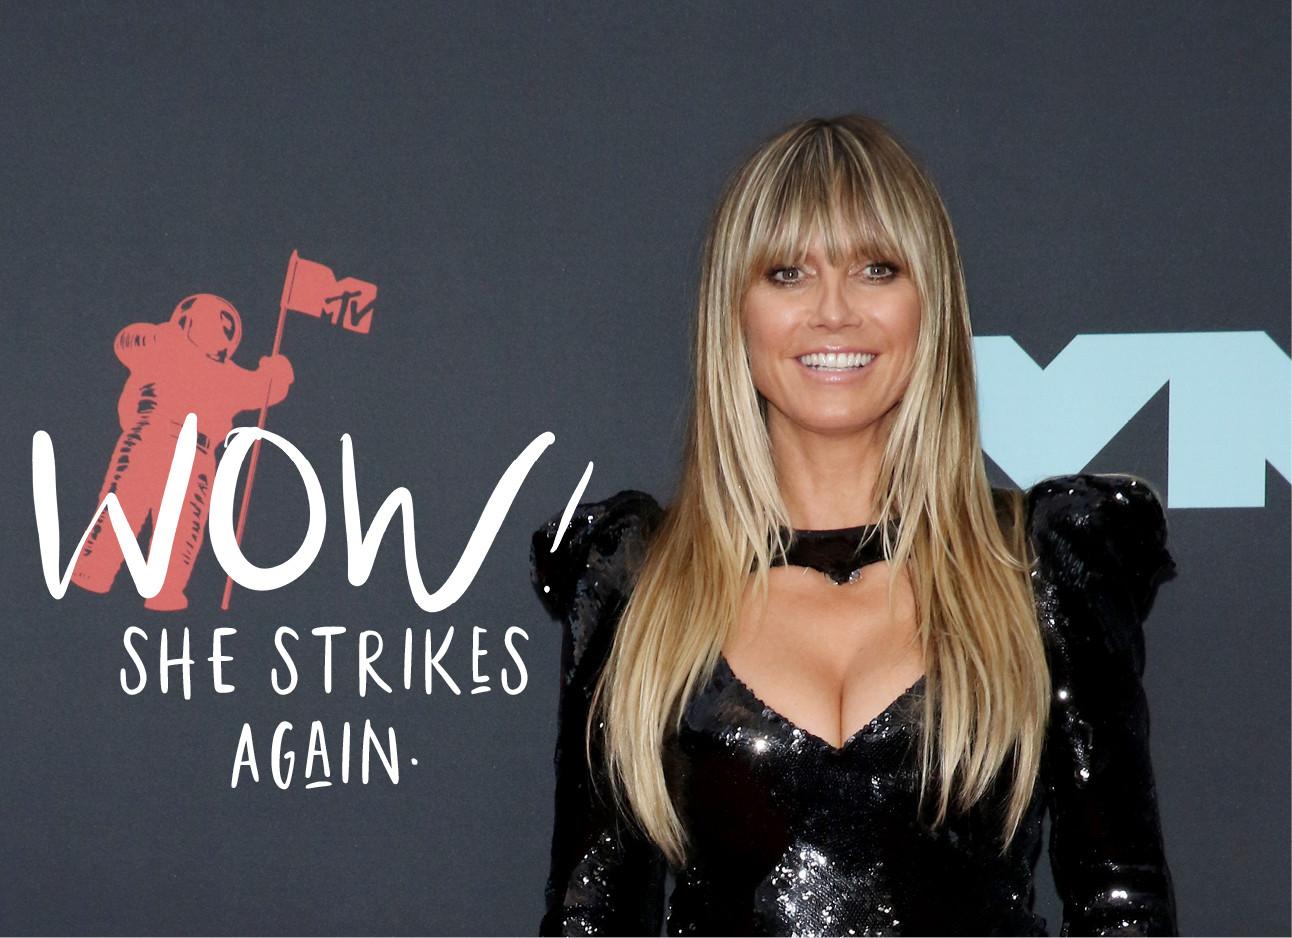 Heidi klum die een zwarte leren jurk draagt en voor een grijze muur staat